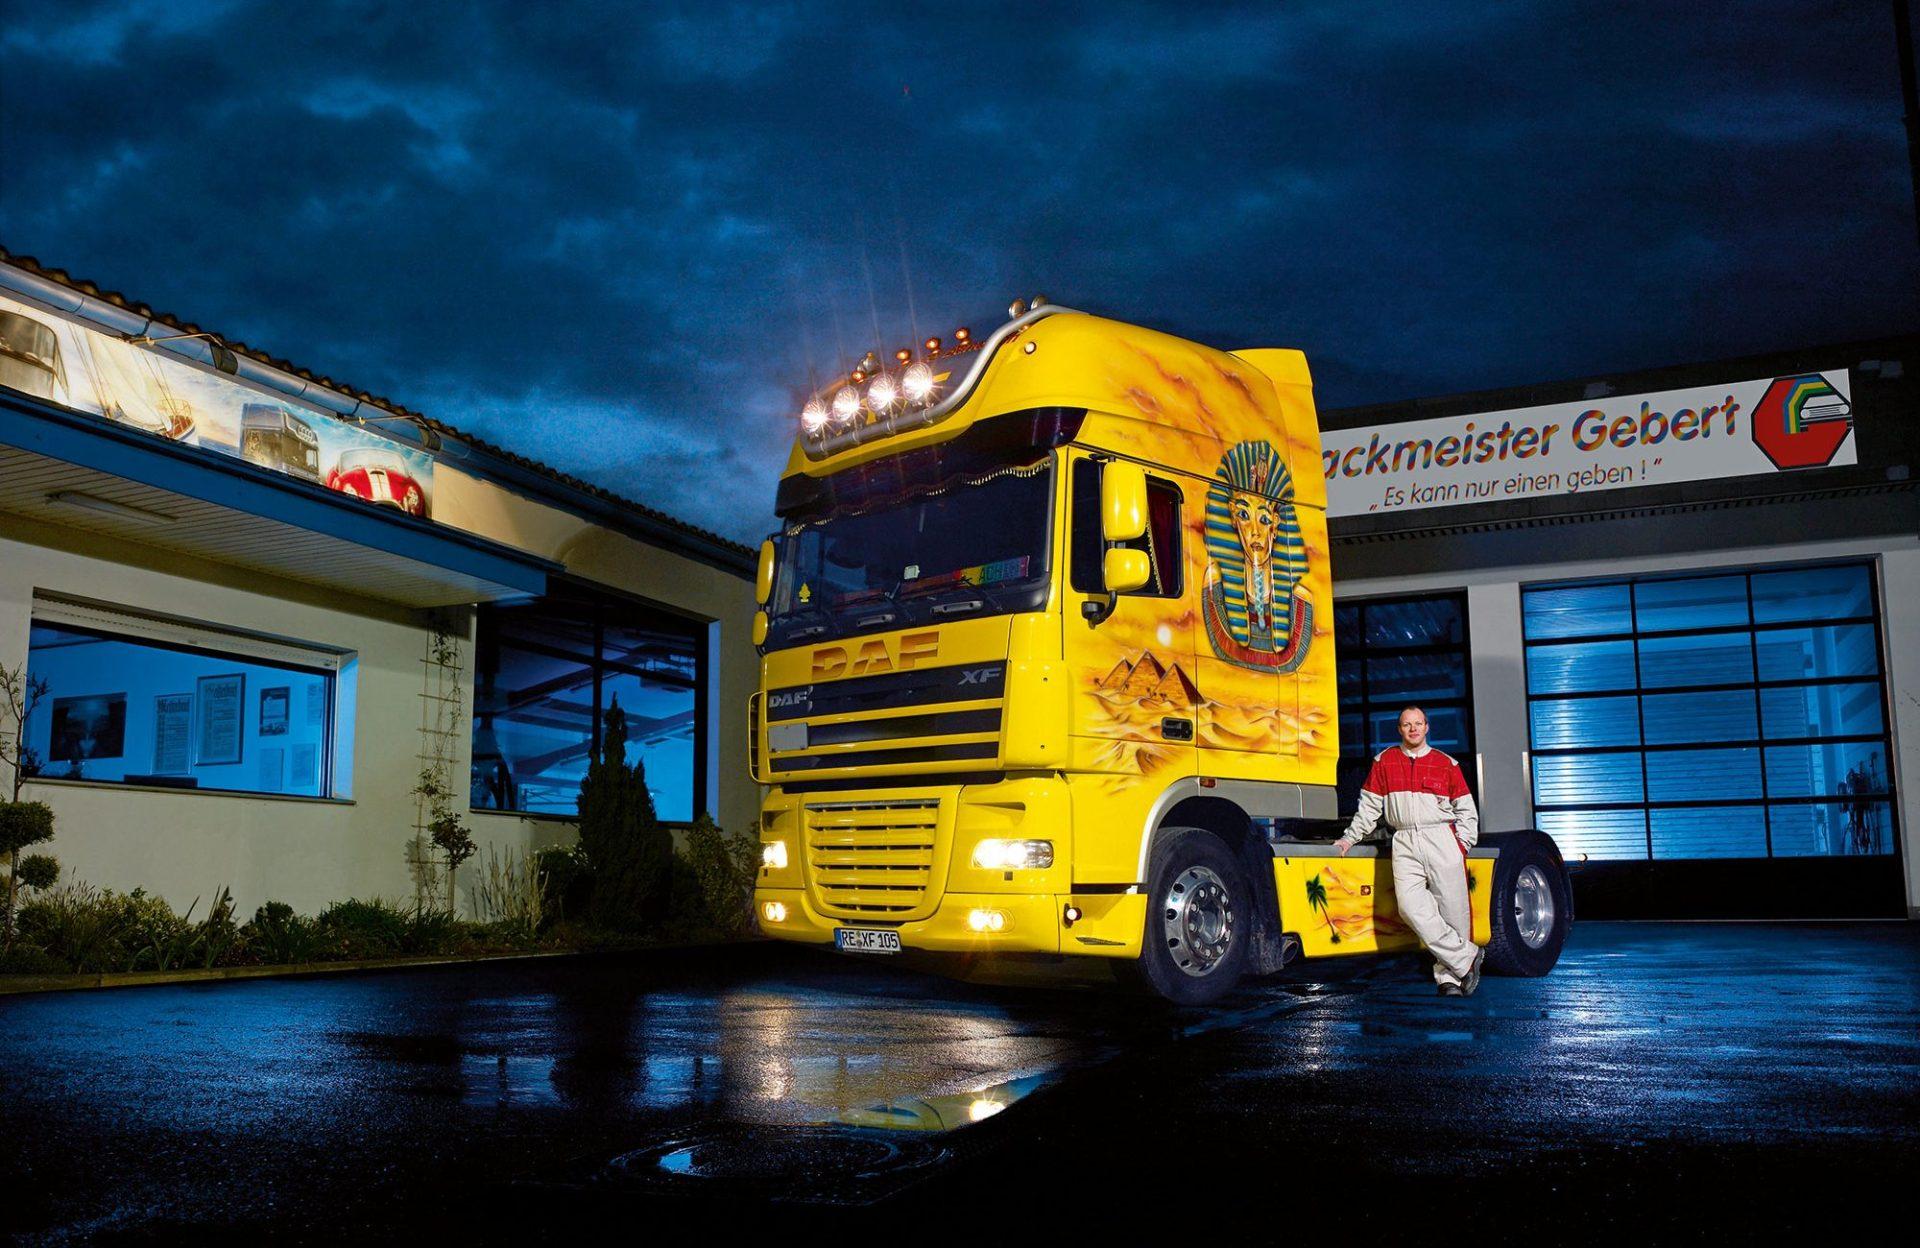 Ein gelber Truck steht nachts vor einer Garage, daneben lehnt ein Mann.